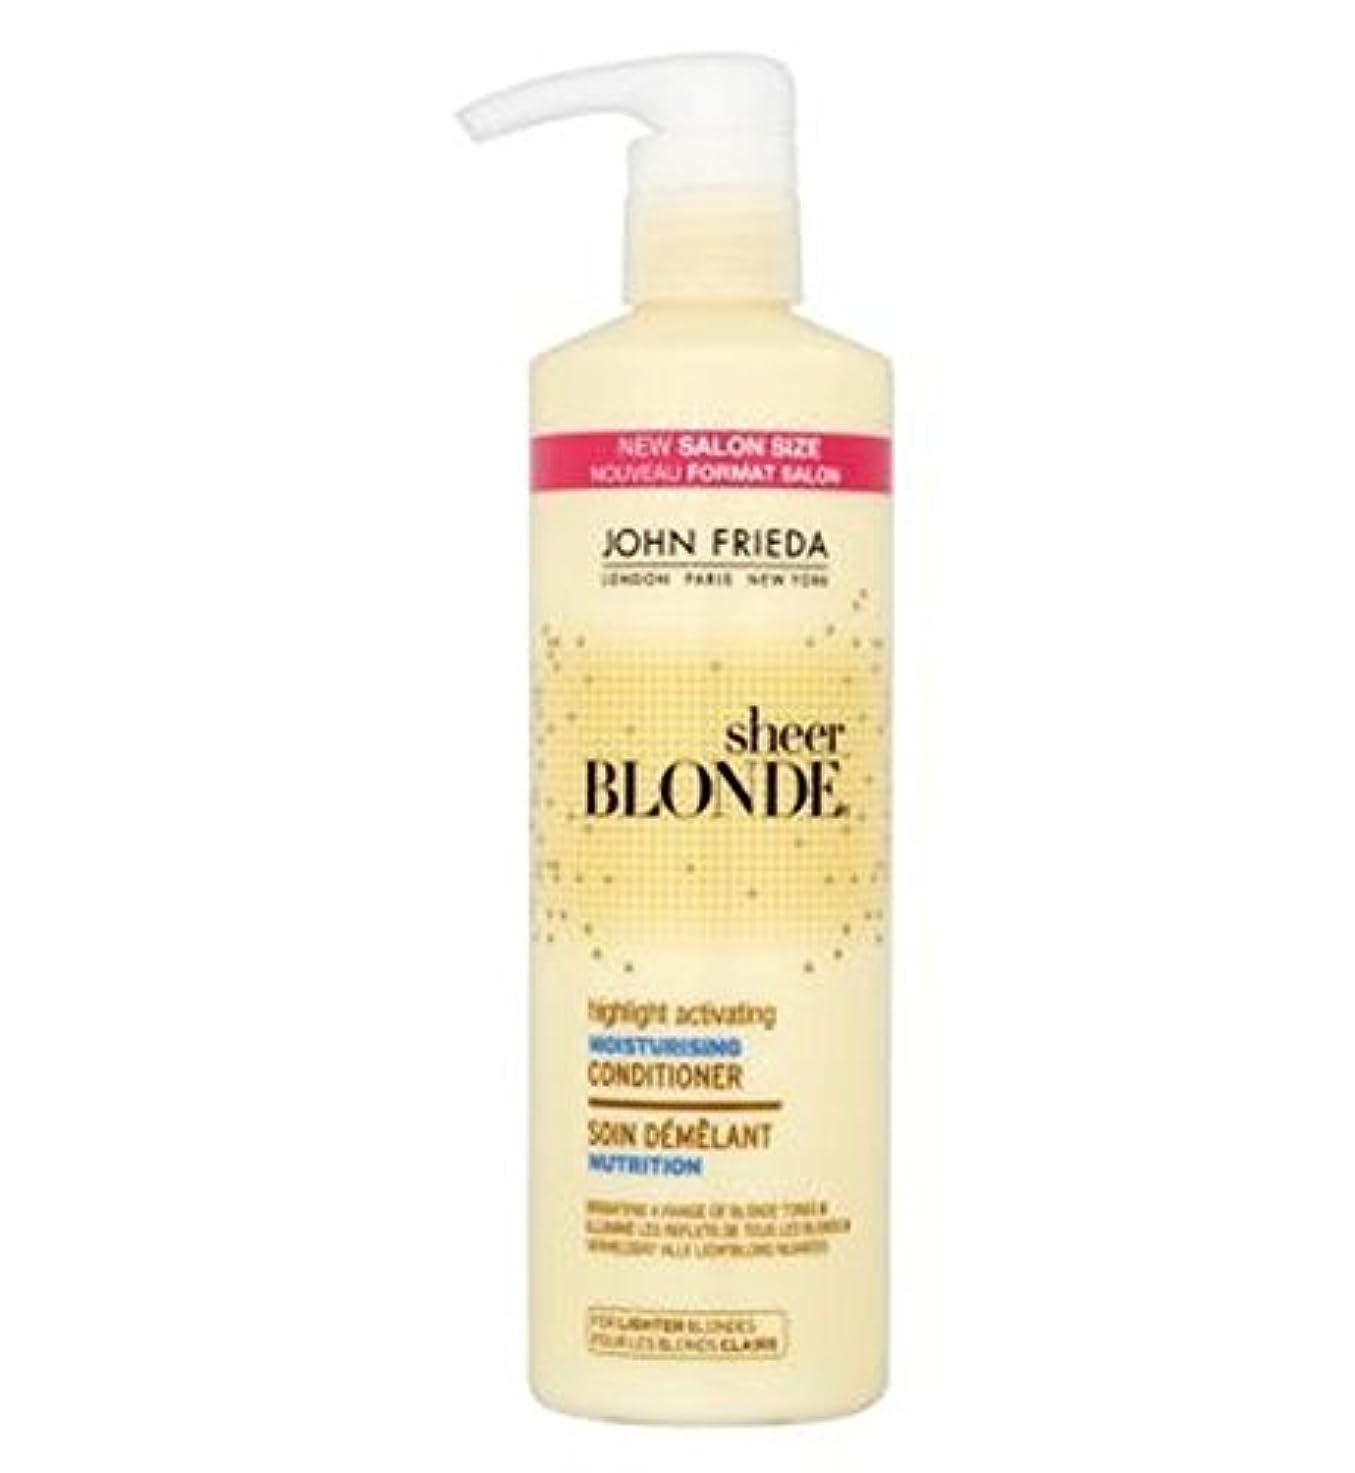 生命体熱心なタヒチジョン?フリーダ薄手のブロンドのハイライト活性化保湿コンディショナー500ミリリットル (John Frieda) (x2) - John Frieda Sheer Blonde Highlight Activating...